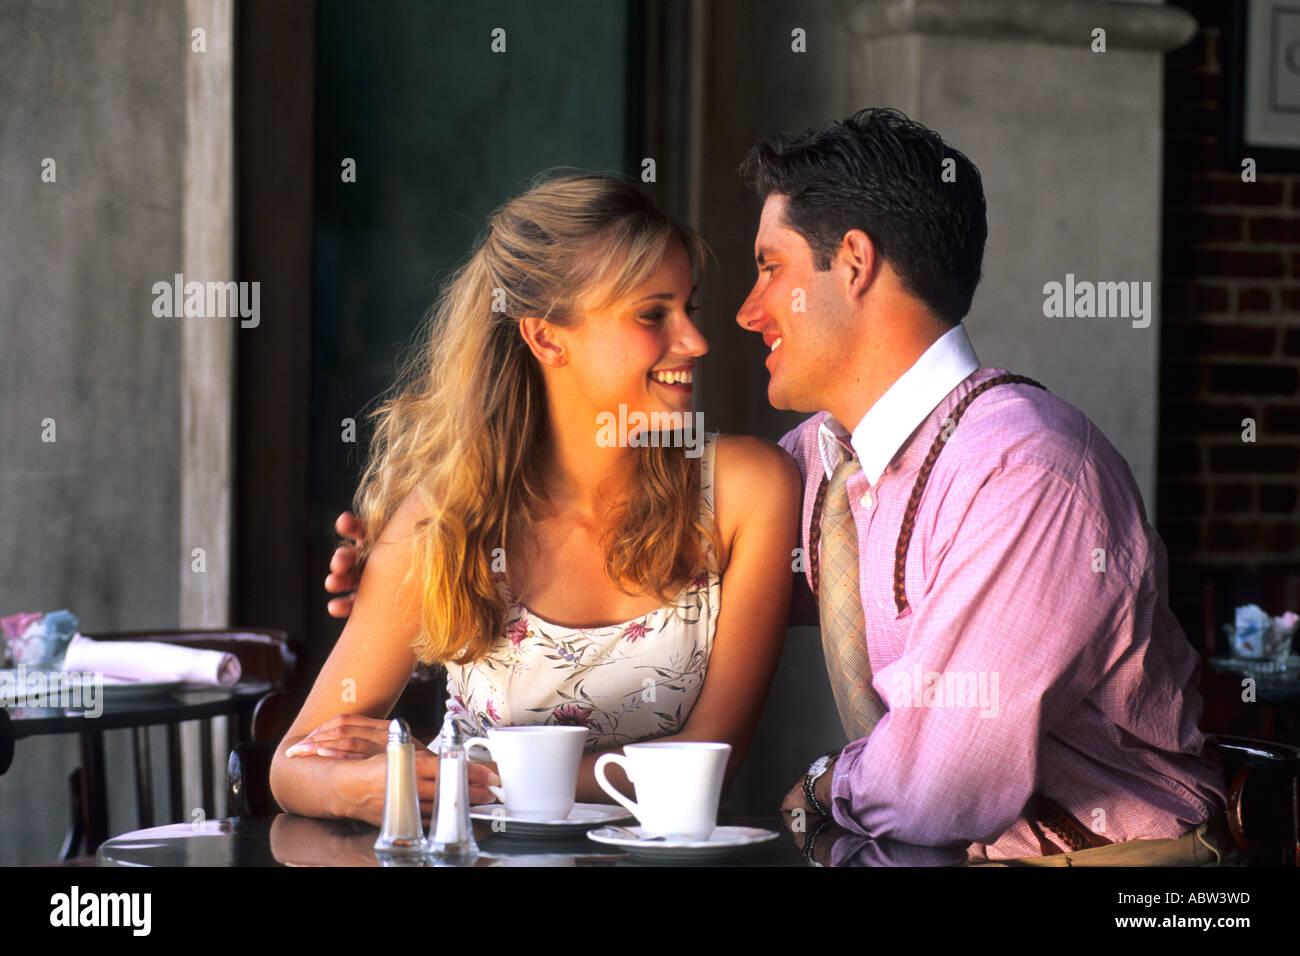 Millionäre Dating-Tipps